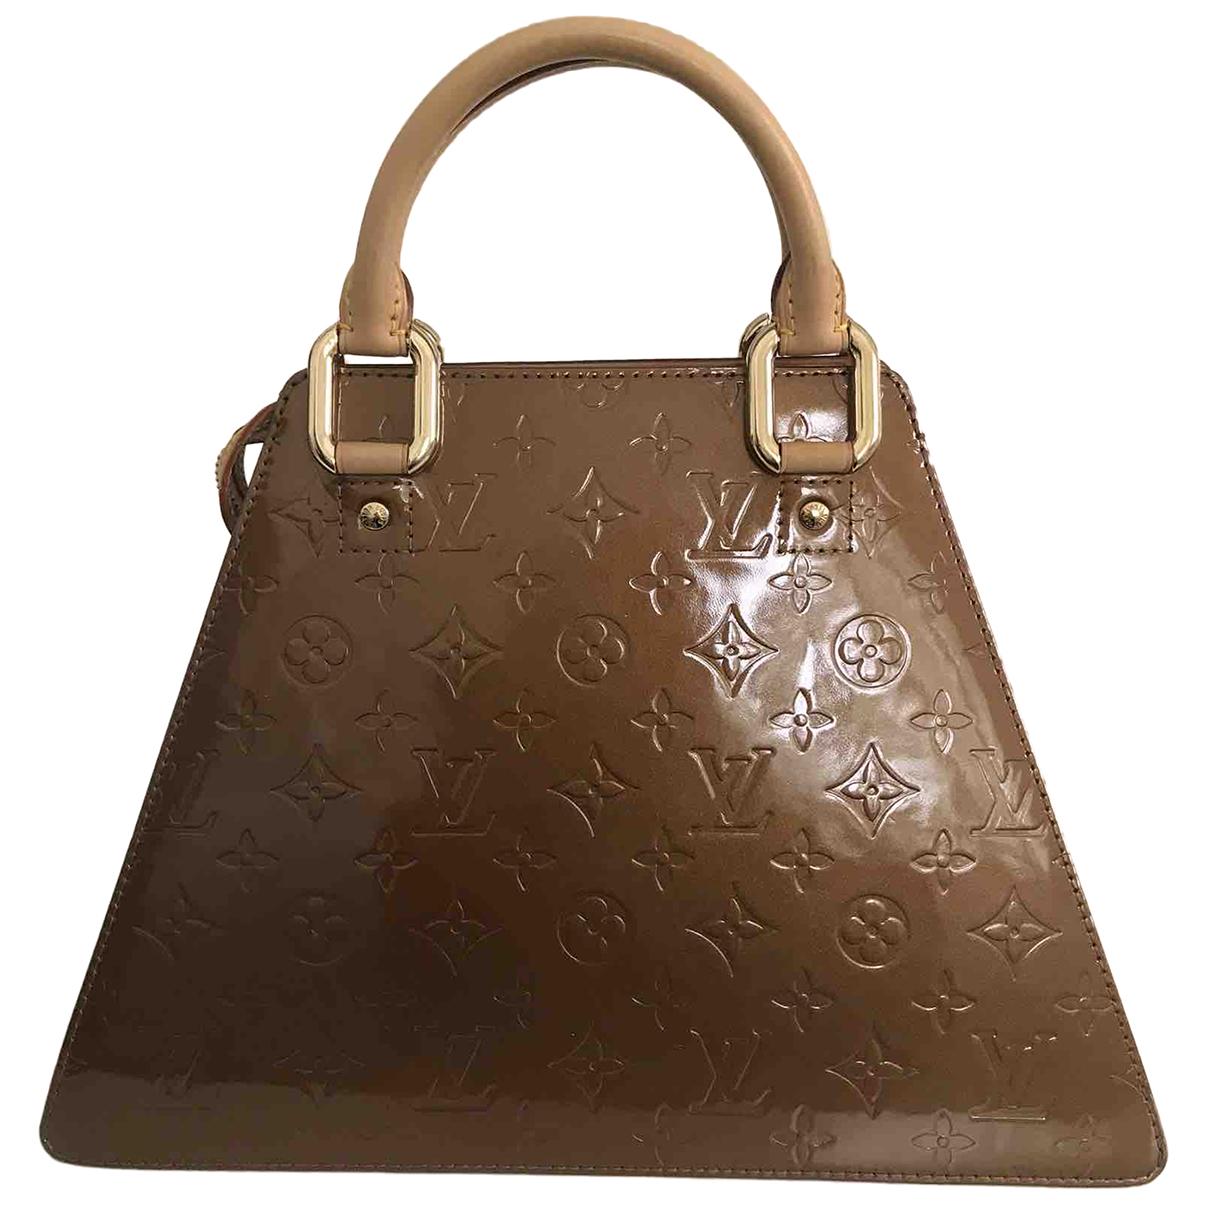 Louis Vuitton - Sac a main Forsyth pour femme en cuir verni